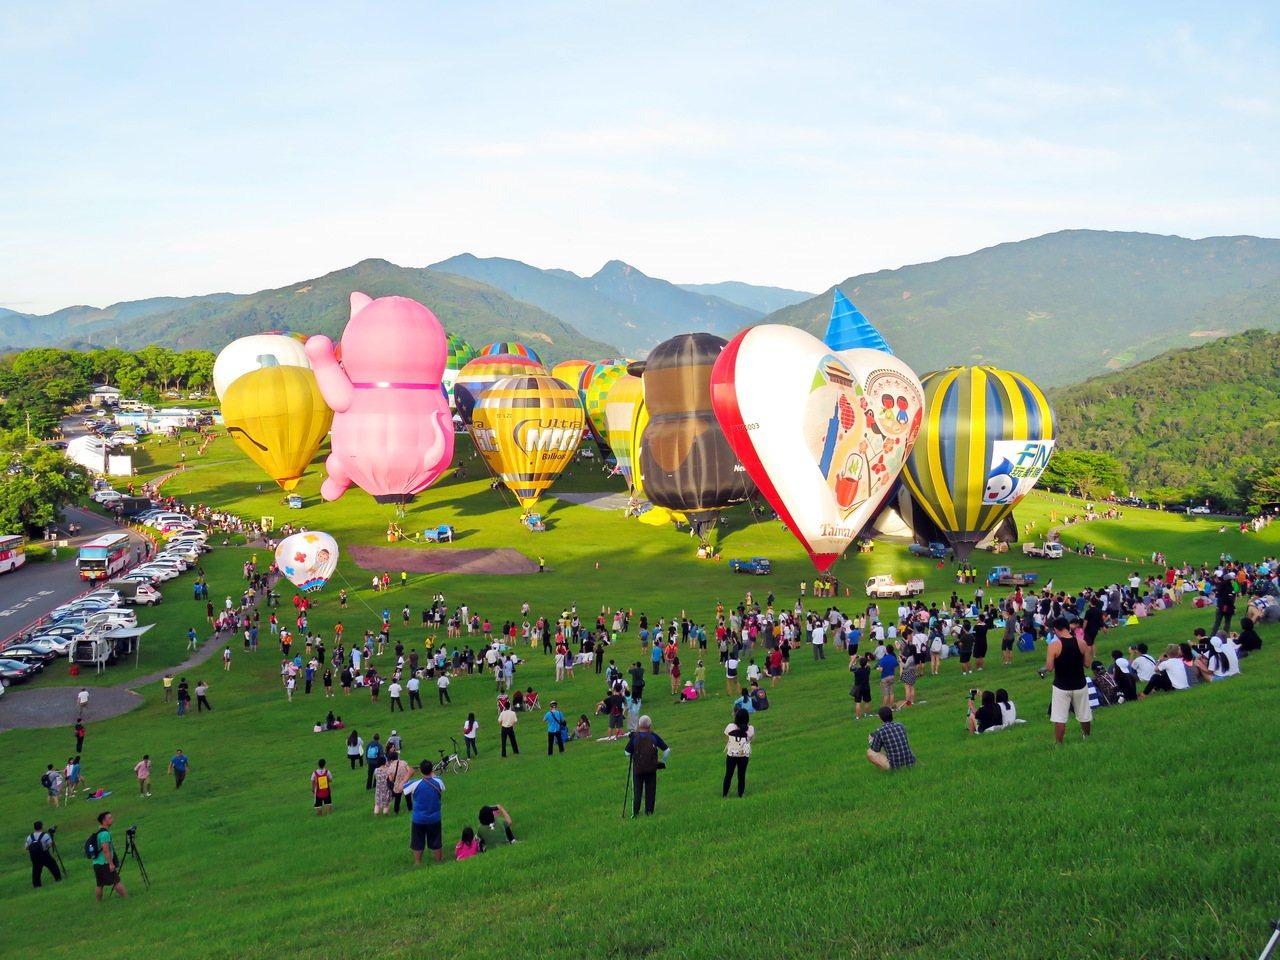 台東一年一度的台灣熱氣球嘉年華,將在7月1日早上同時有20顆球登場。圖/資料照片